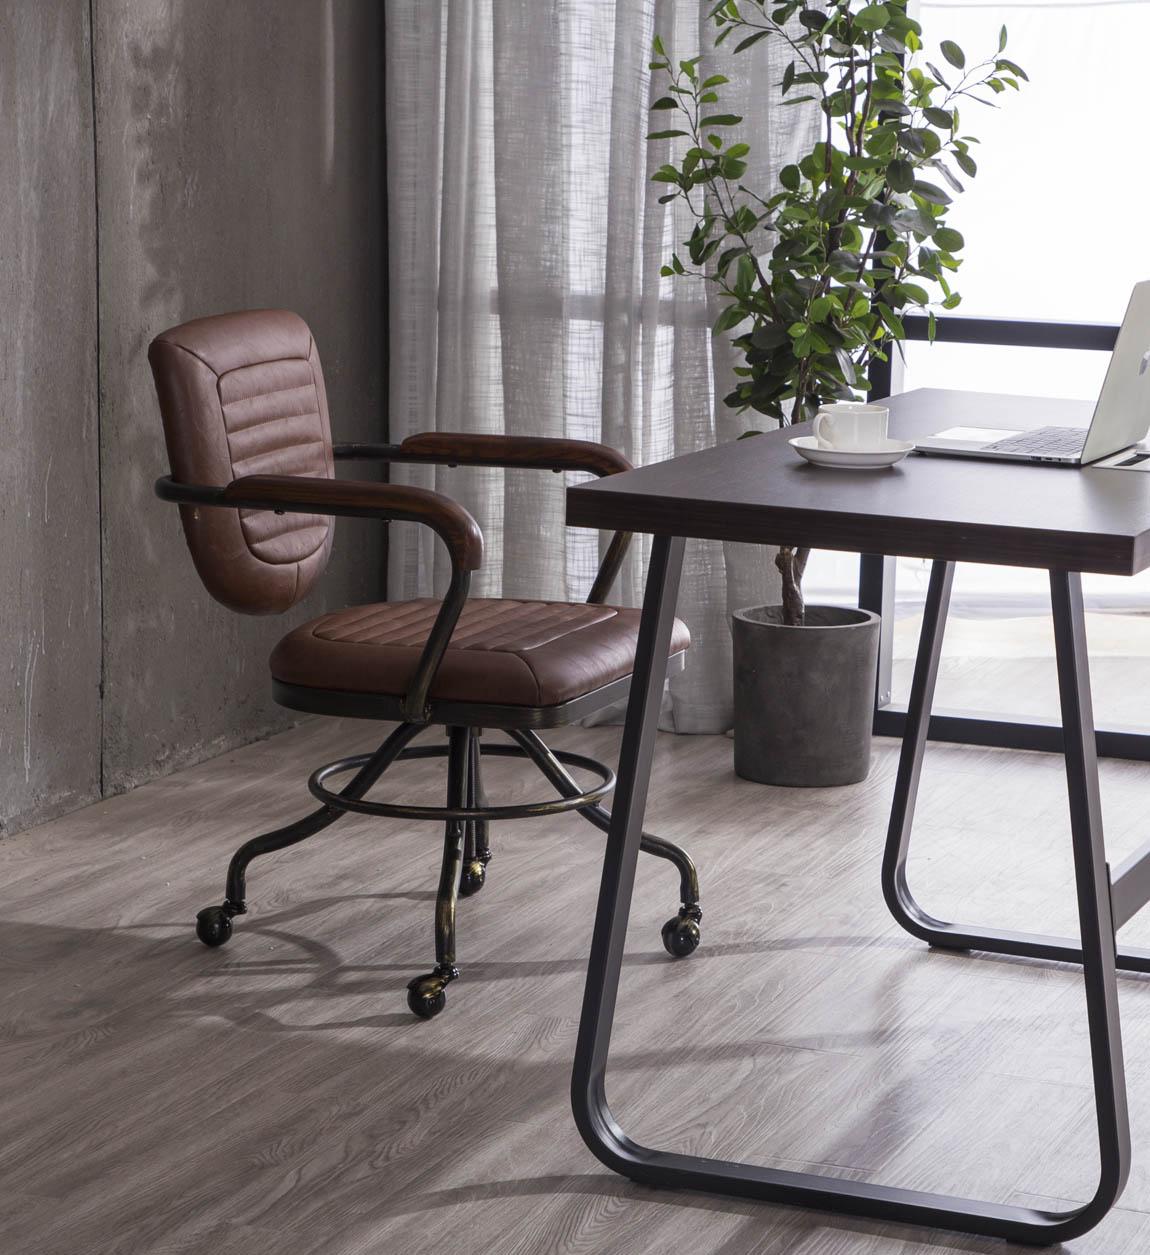 Fauteuil de bureau pivotant en noir et cuir marron